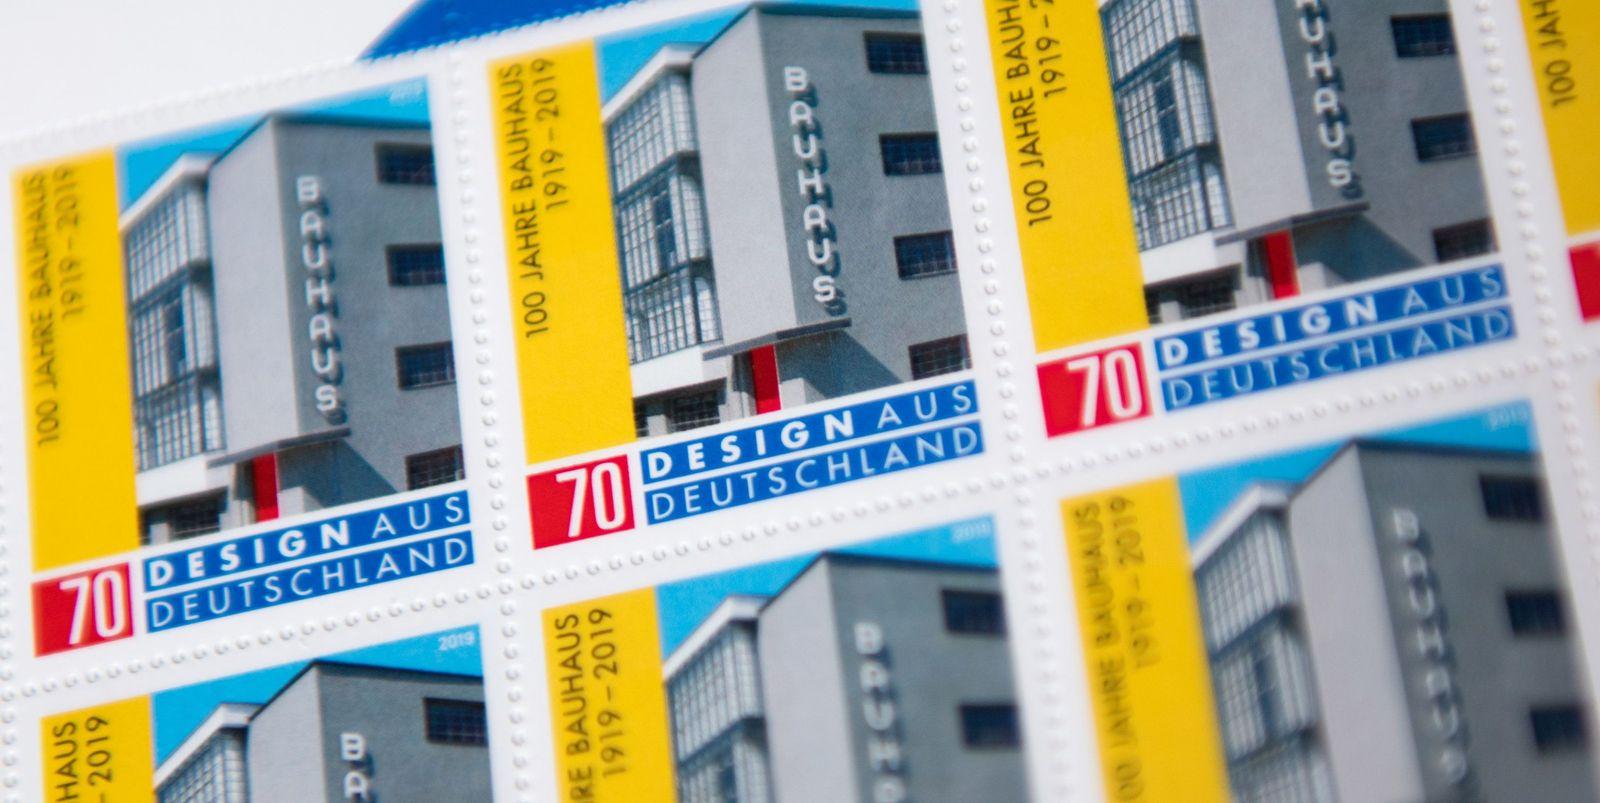 Briefmarke zum Bauhausjubiläum